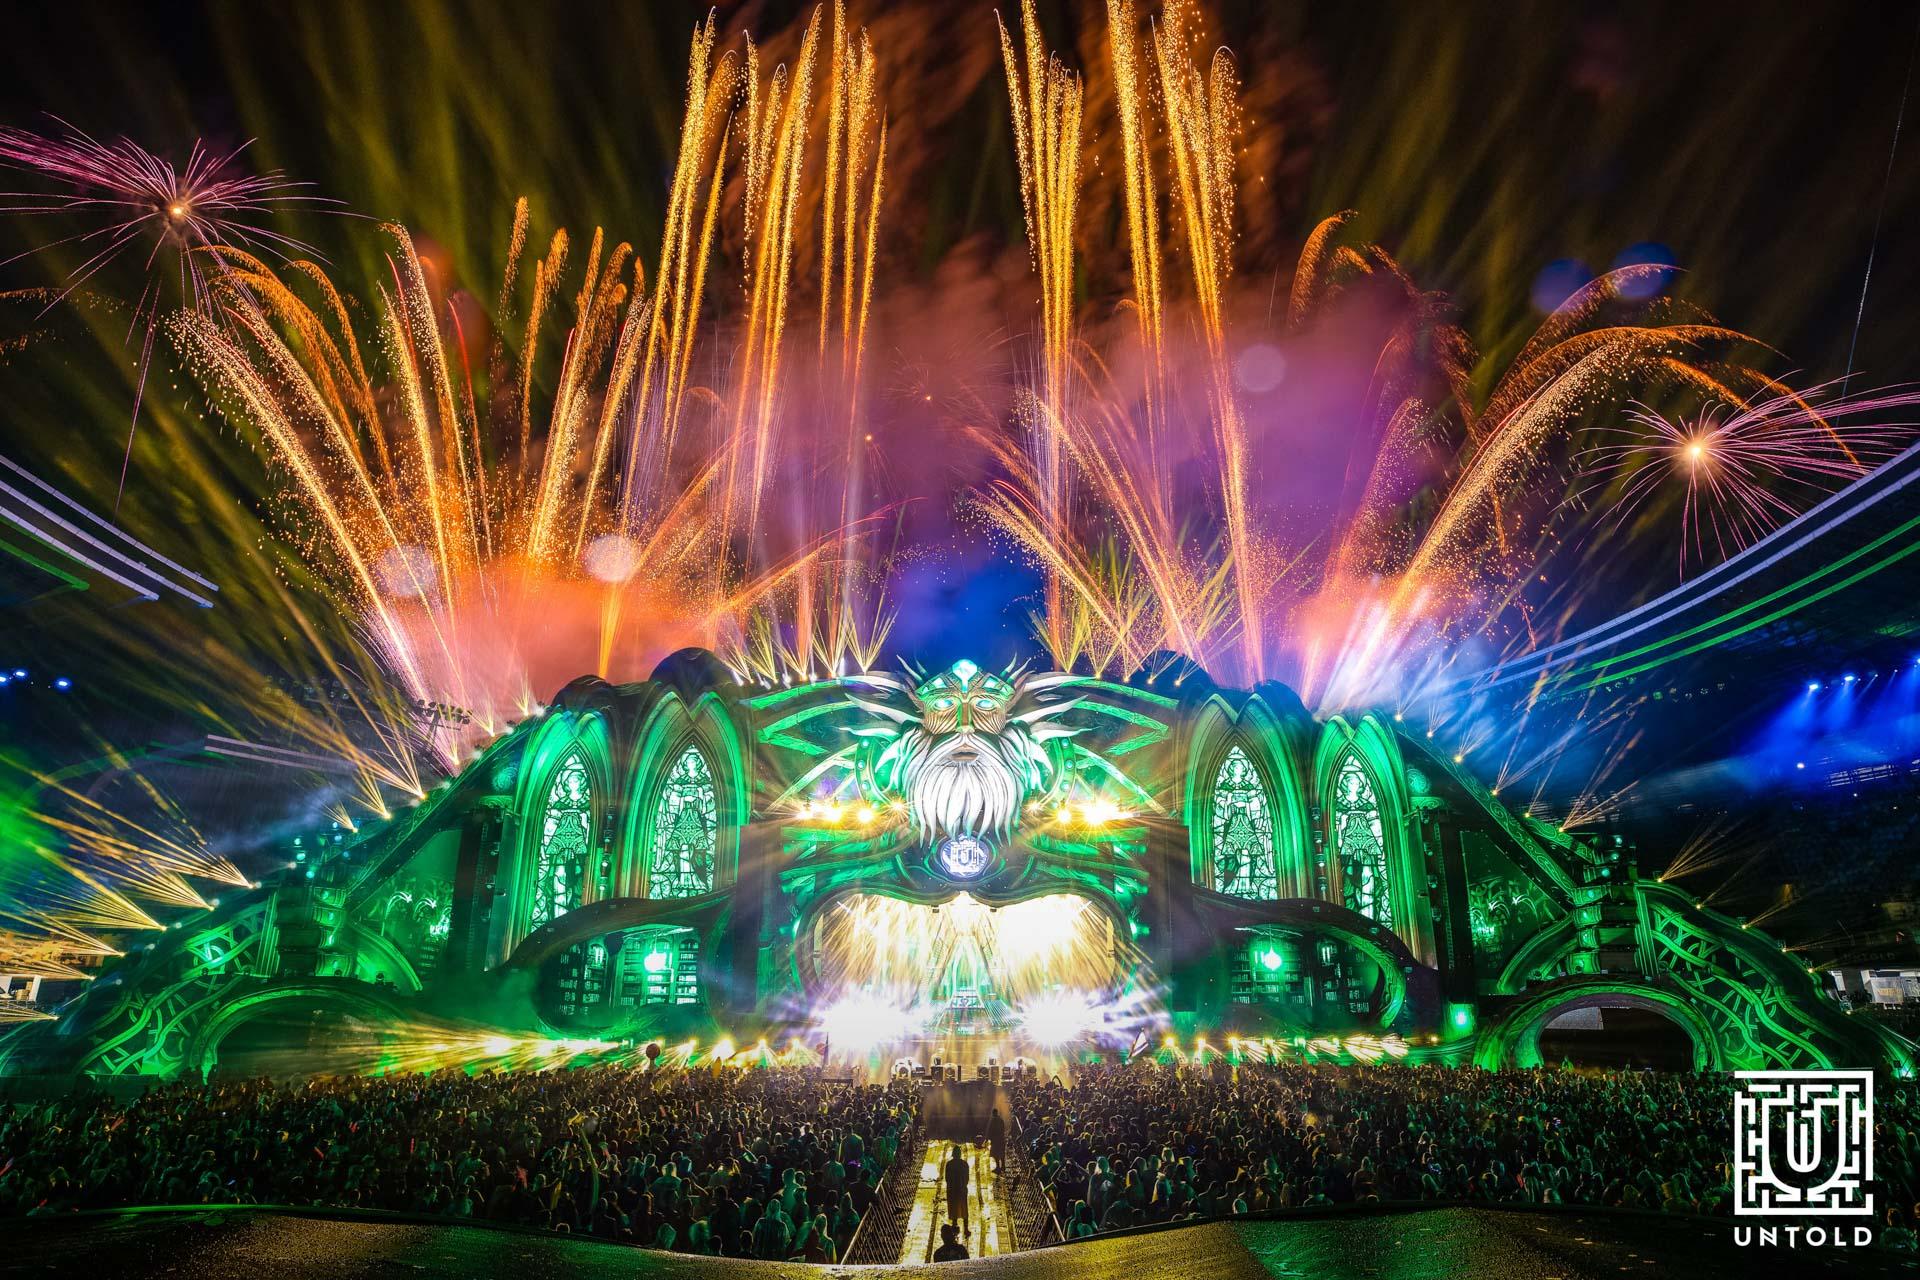 Peste 95.000 de participanțI în a doua zi a festivalului UNTOLD